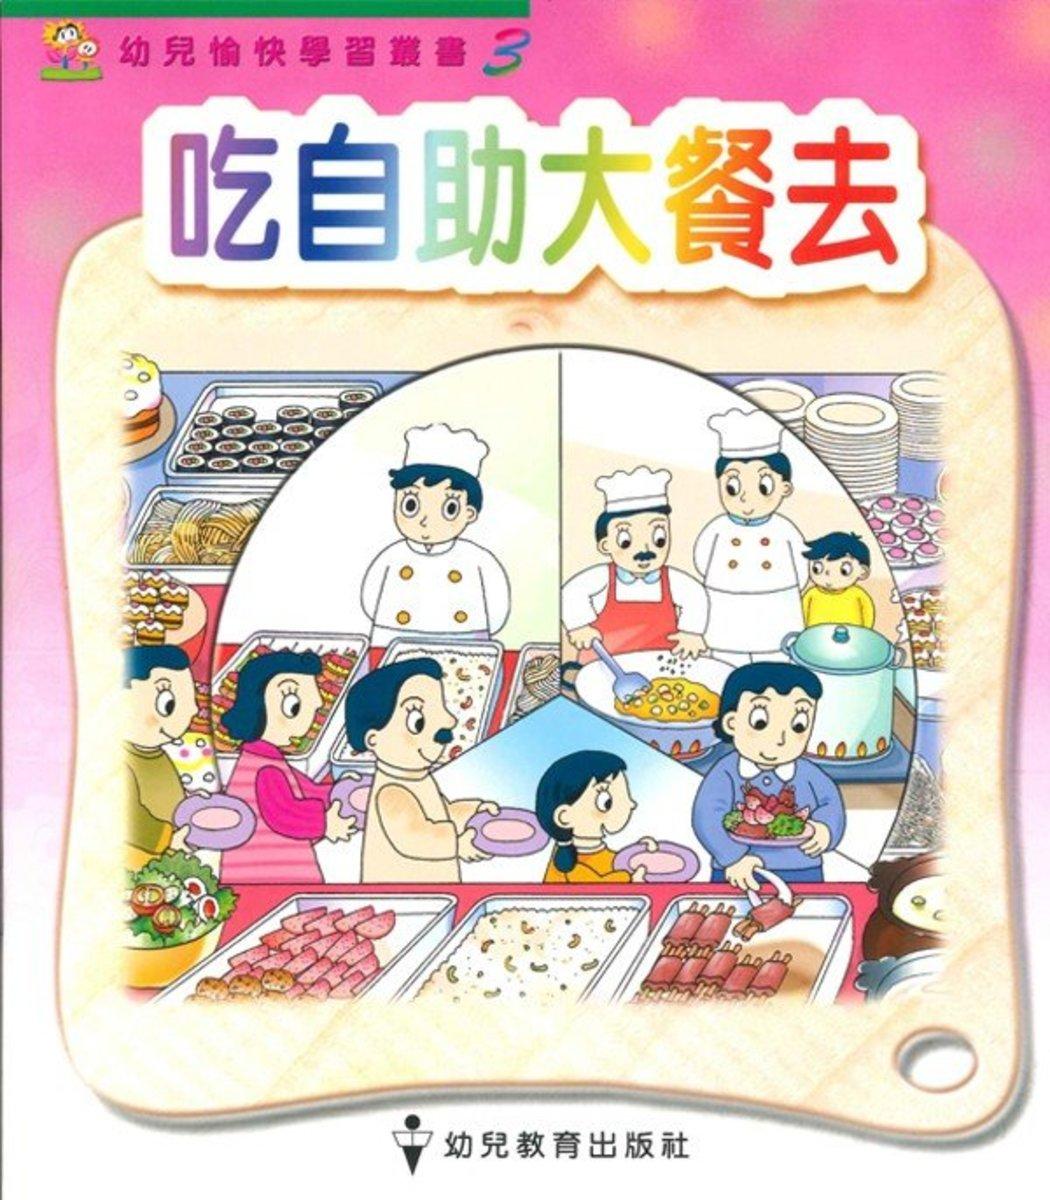 幼兒愉快學習叢書系列:吃自助大餐去(高班)